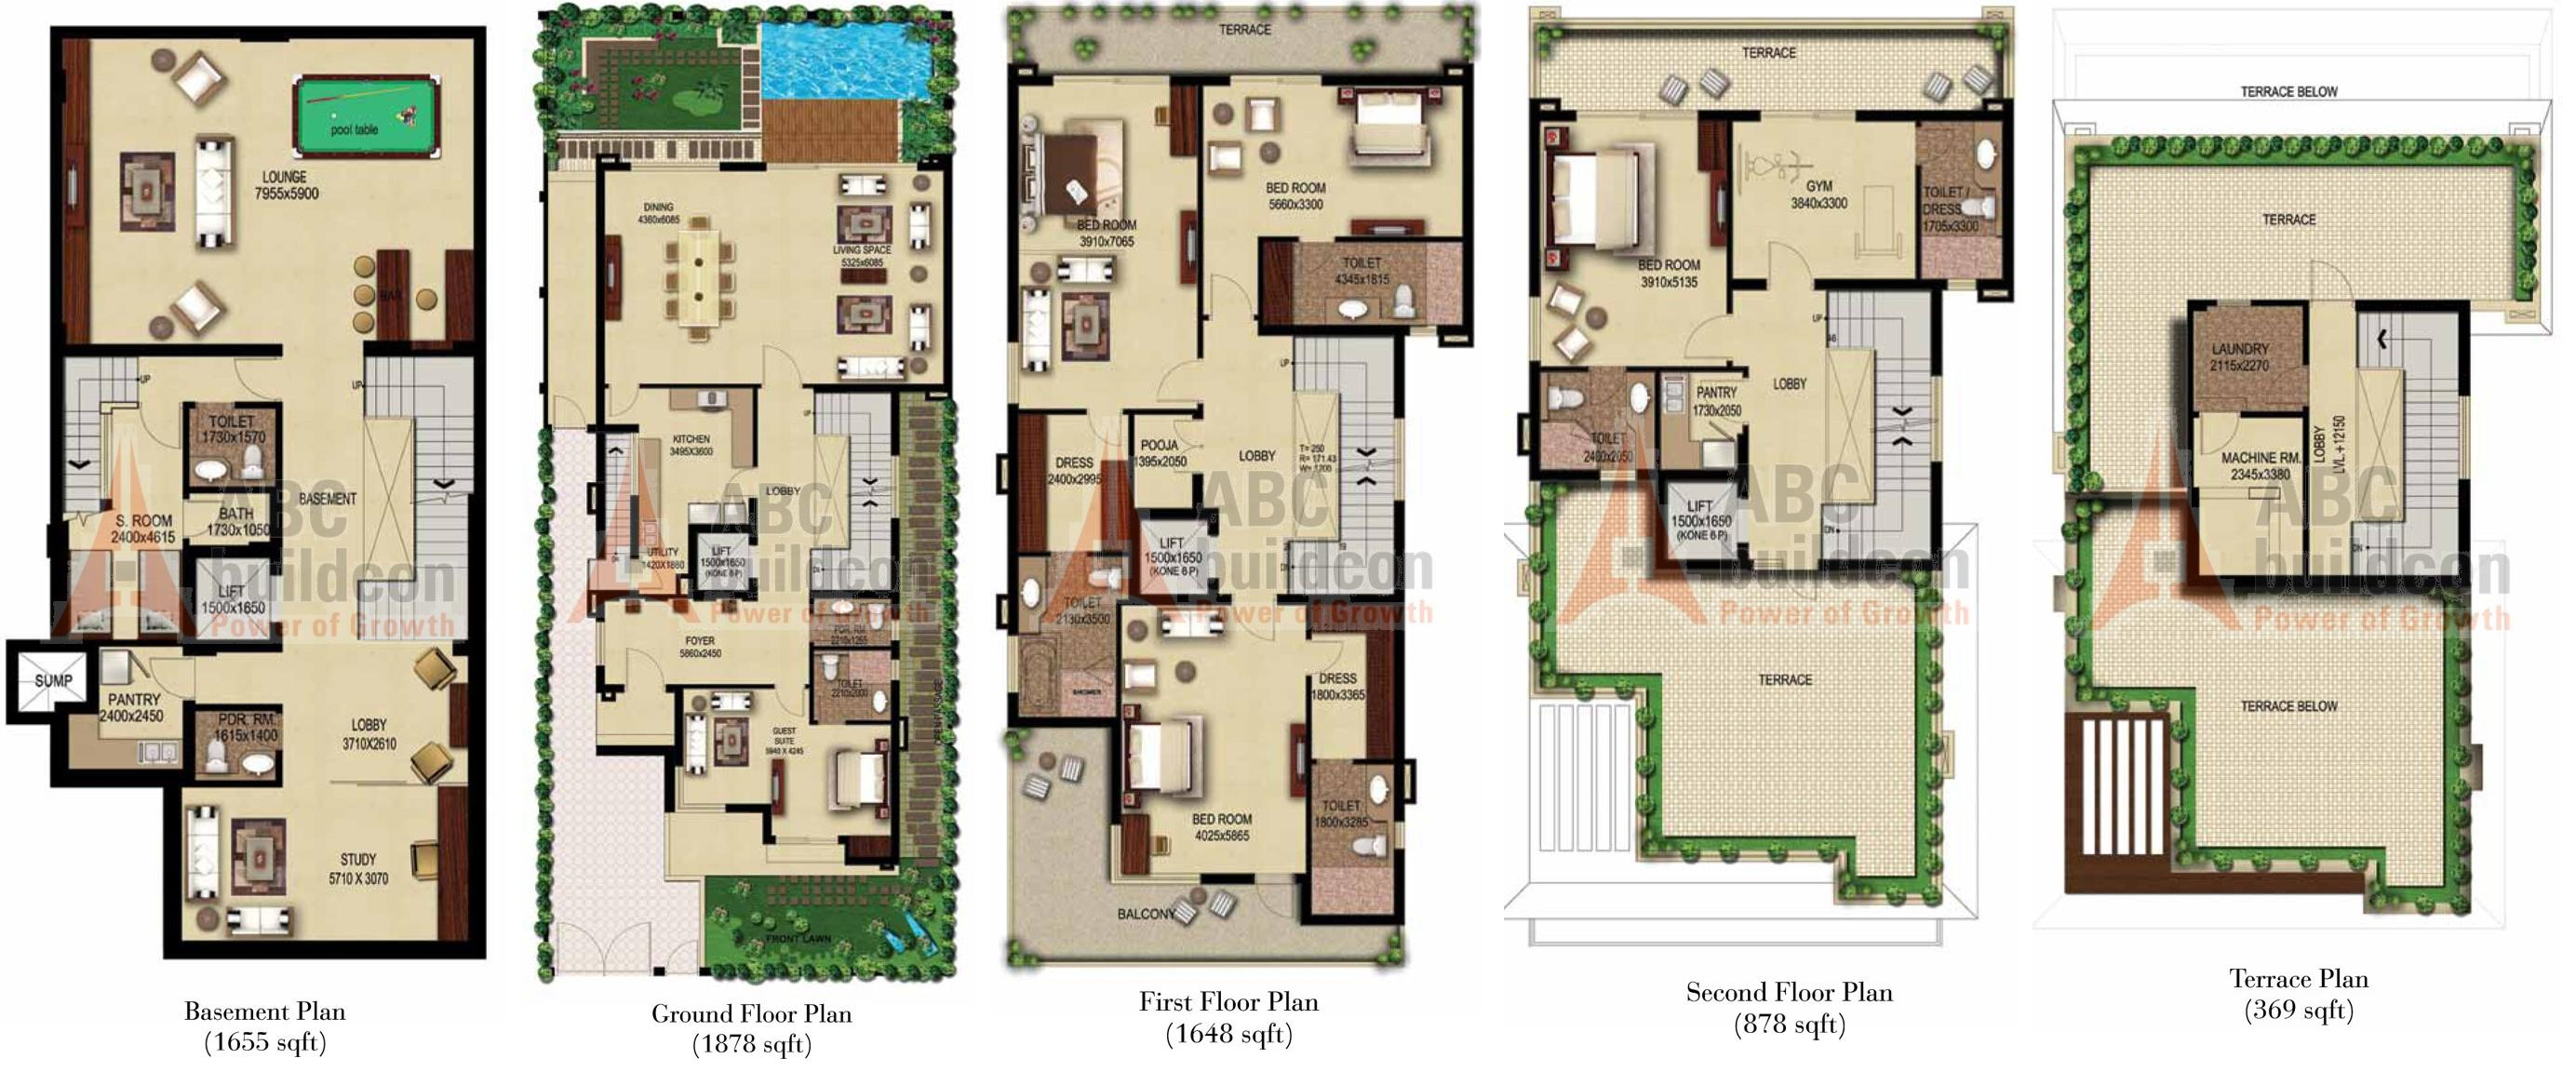 Villas in addition Alvar Aalto Villa Mairea Plan in addition Villa Floorplan as well Kingscliff North furthermore Aulani 2 Bedroom Villa Floor Plan. on floor plan for villa